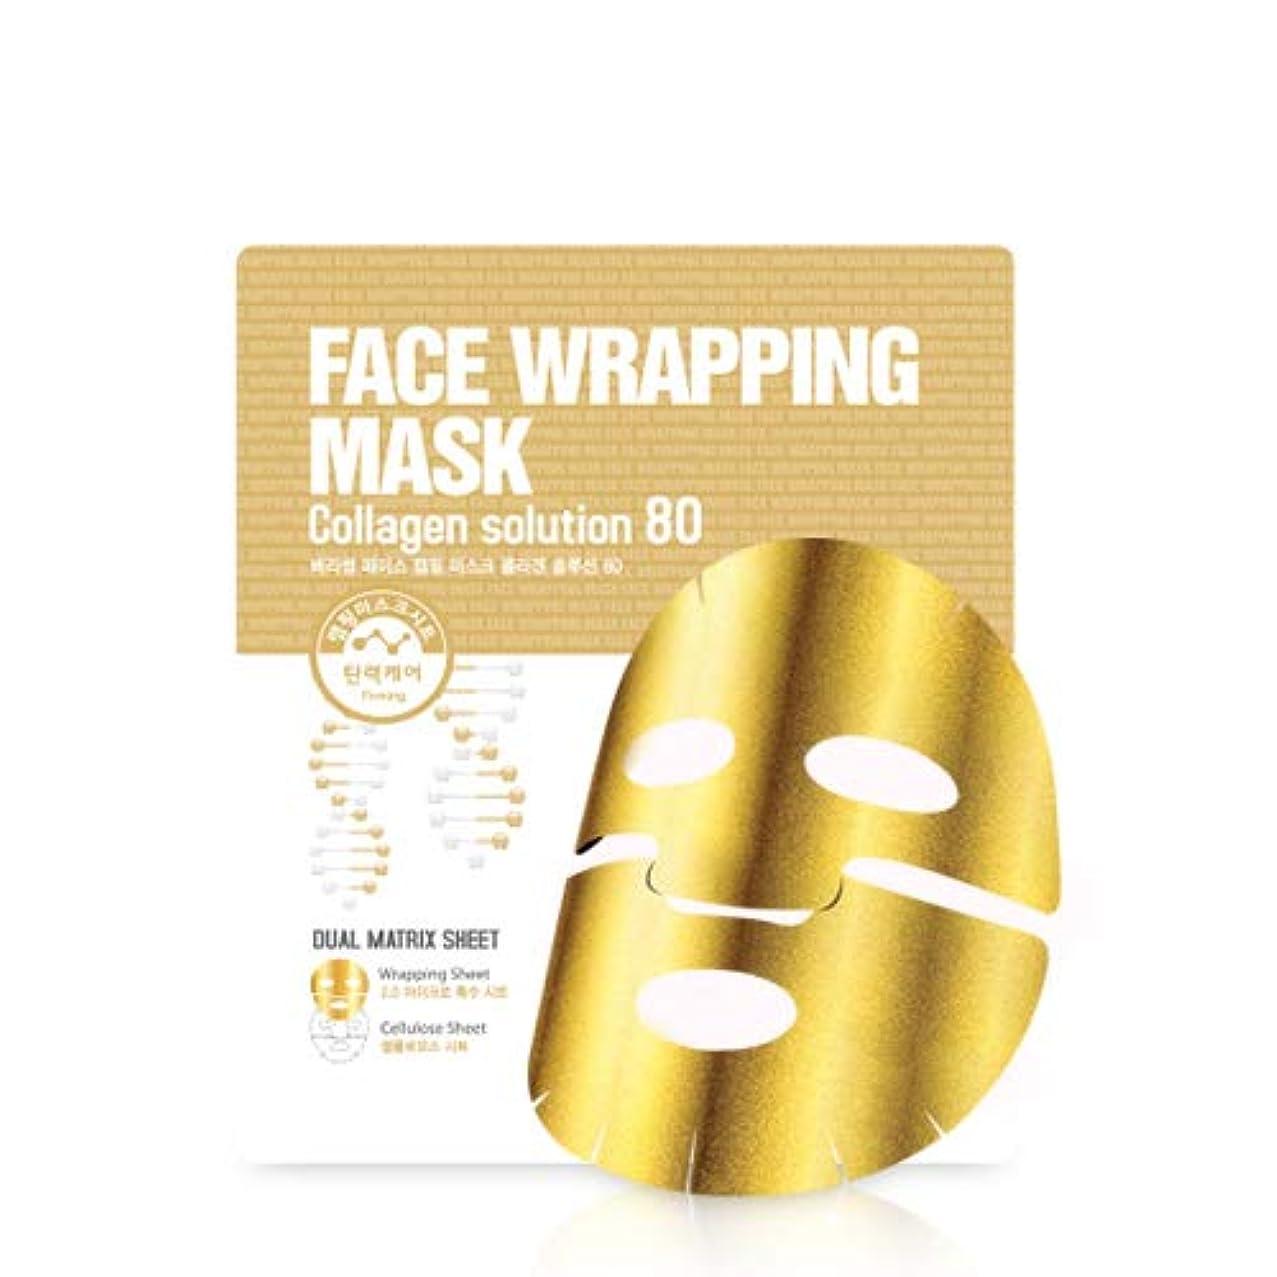 船乗り貫通鼓舞するベリソム[Berrisom] フェイスラッピングマスクコラーゲンソリューション80 / しわ防止、引き締め Wrapping Mask Collagen 27gx5P